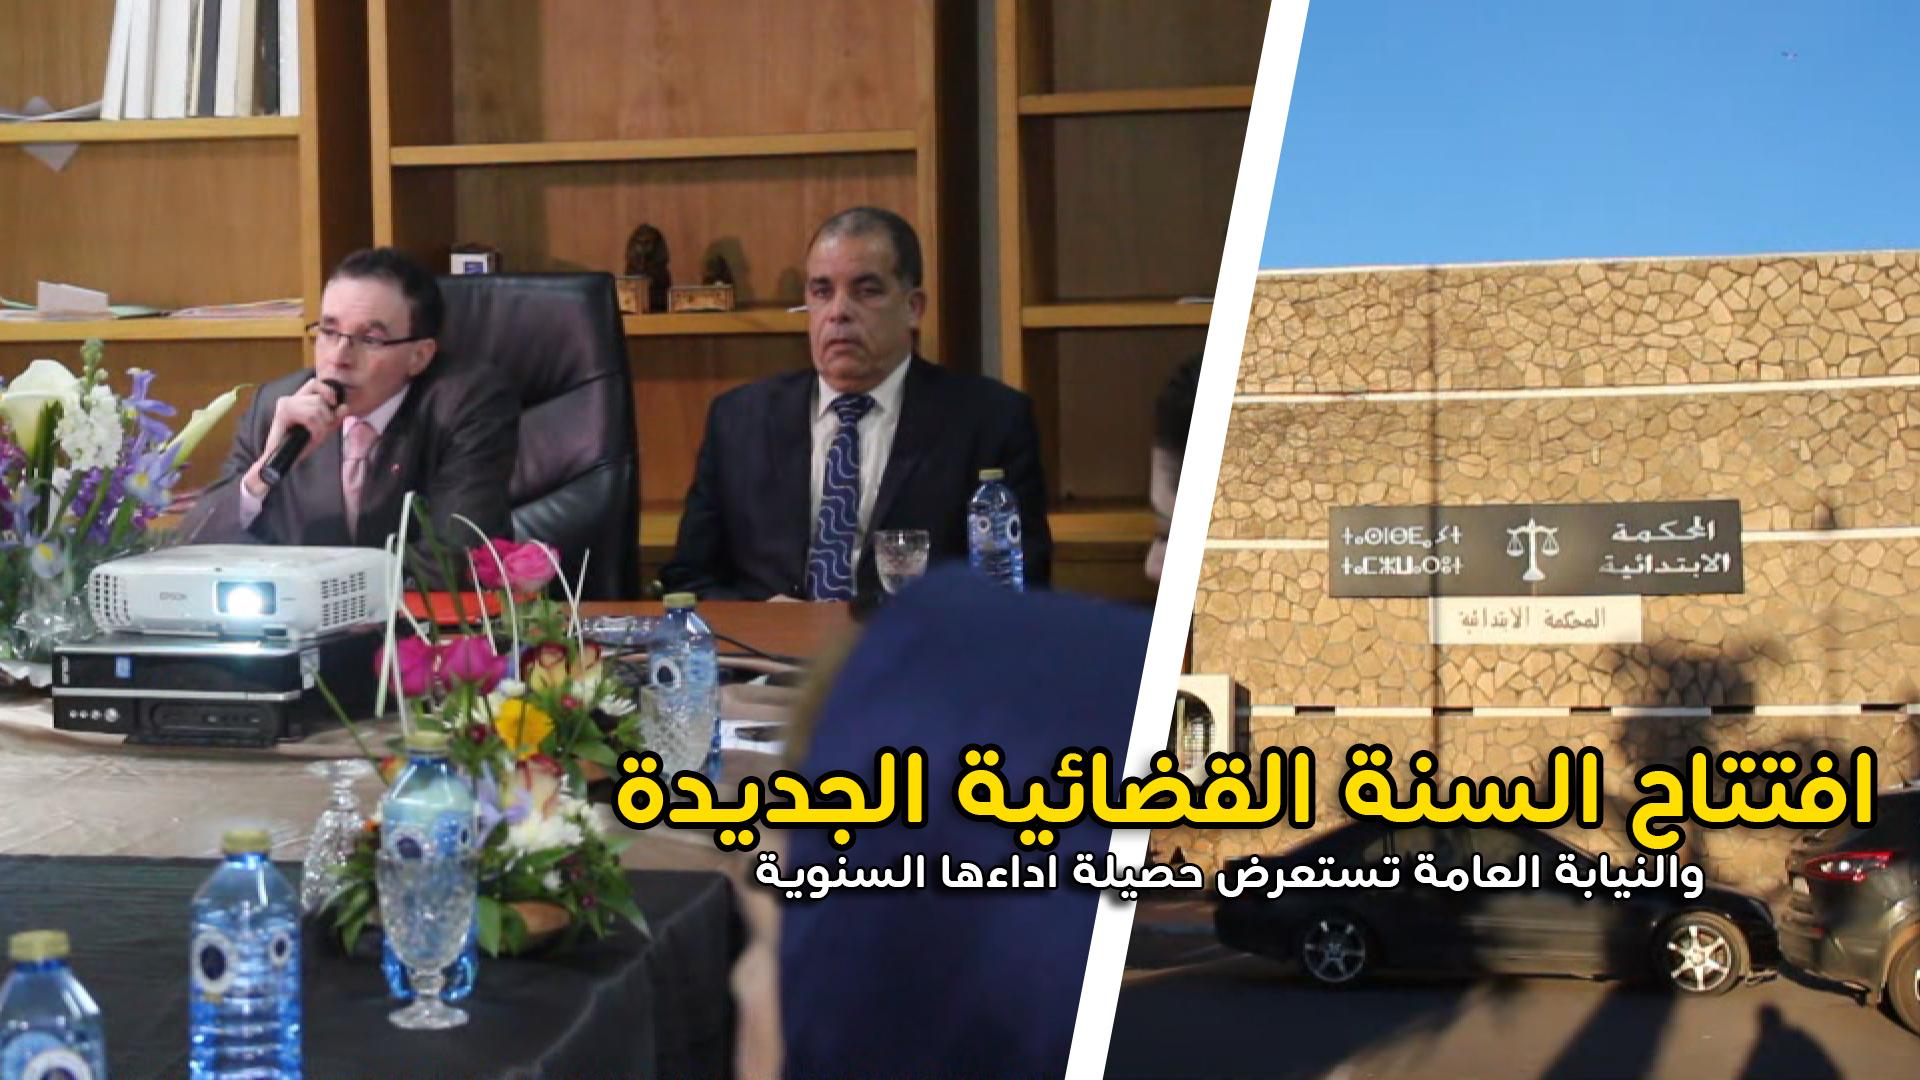 بحضور قضاة النيابة العامة ..افتتاح السنة القضائية الجديدة بالمحكمة الابتدائية بالمحمدية